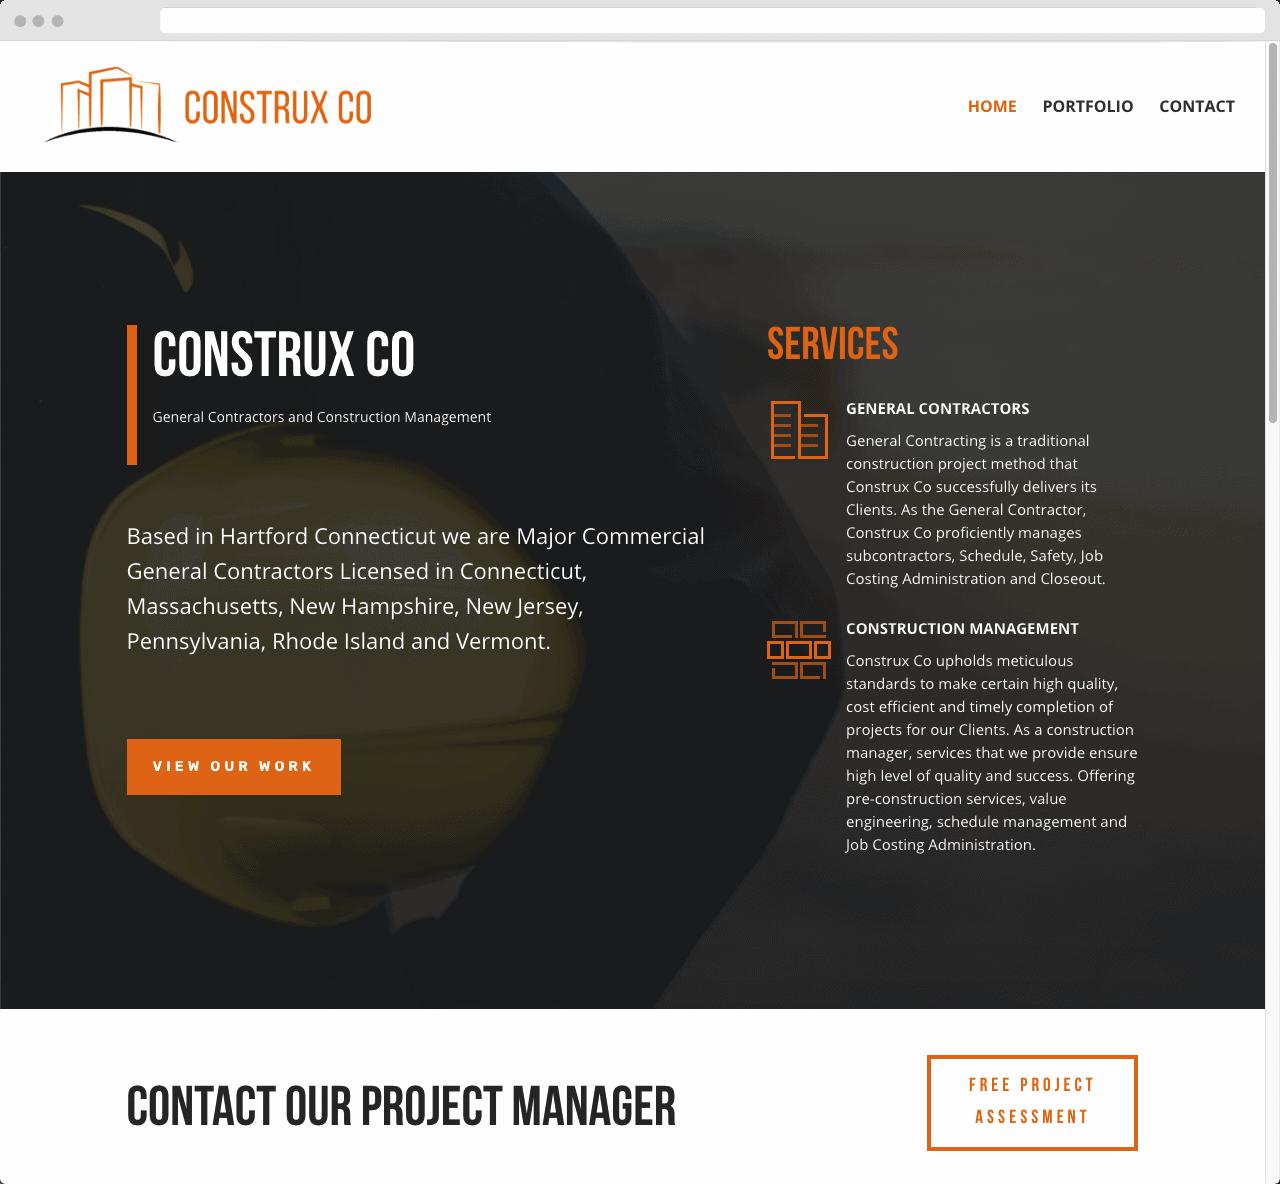 Construx Co